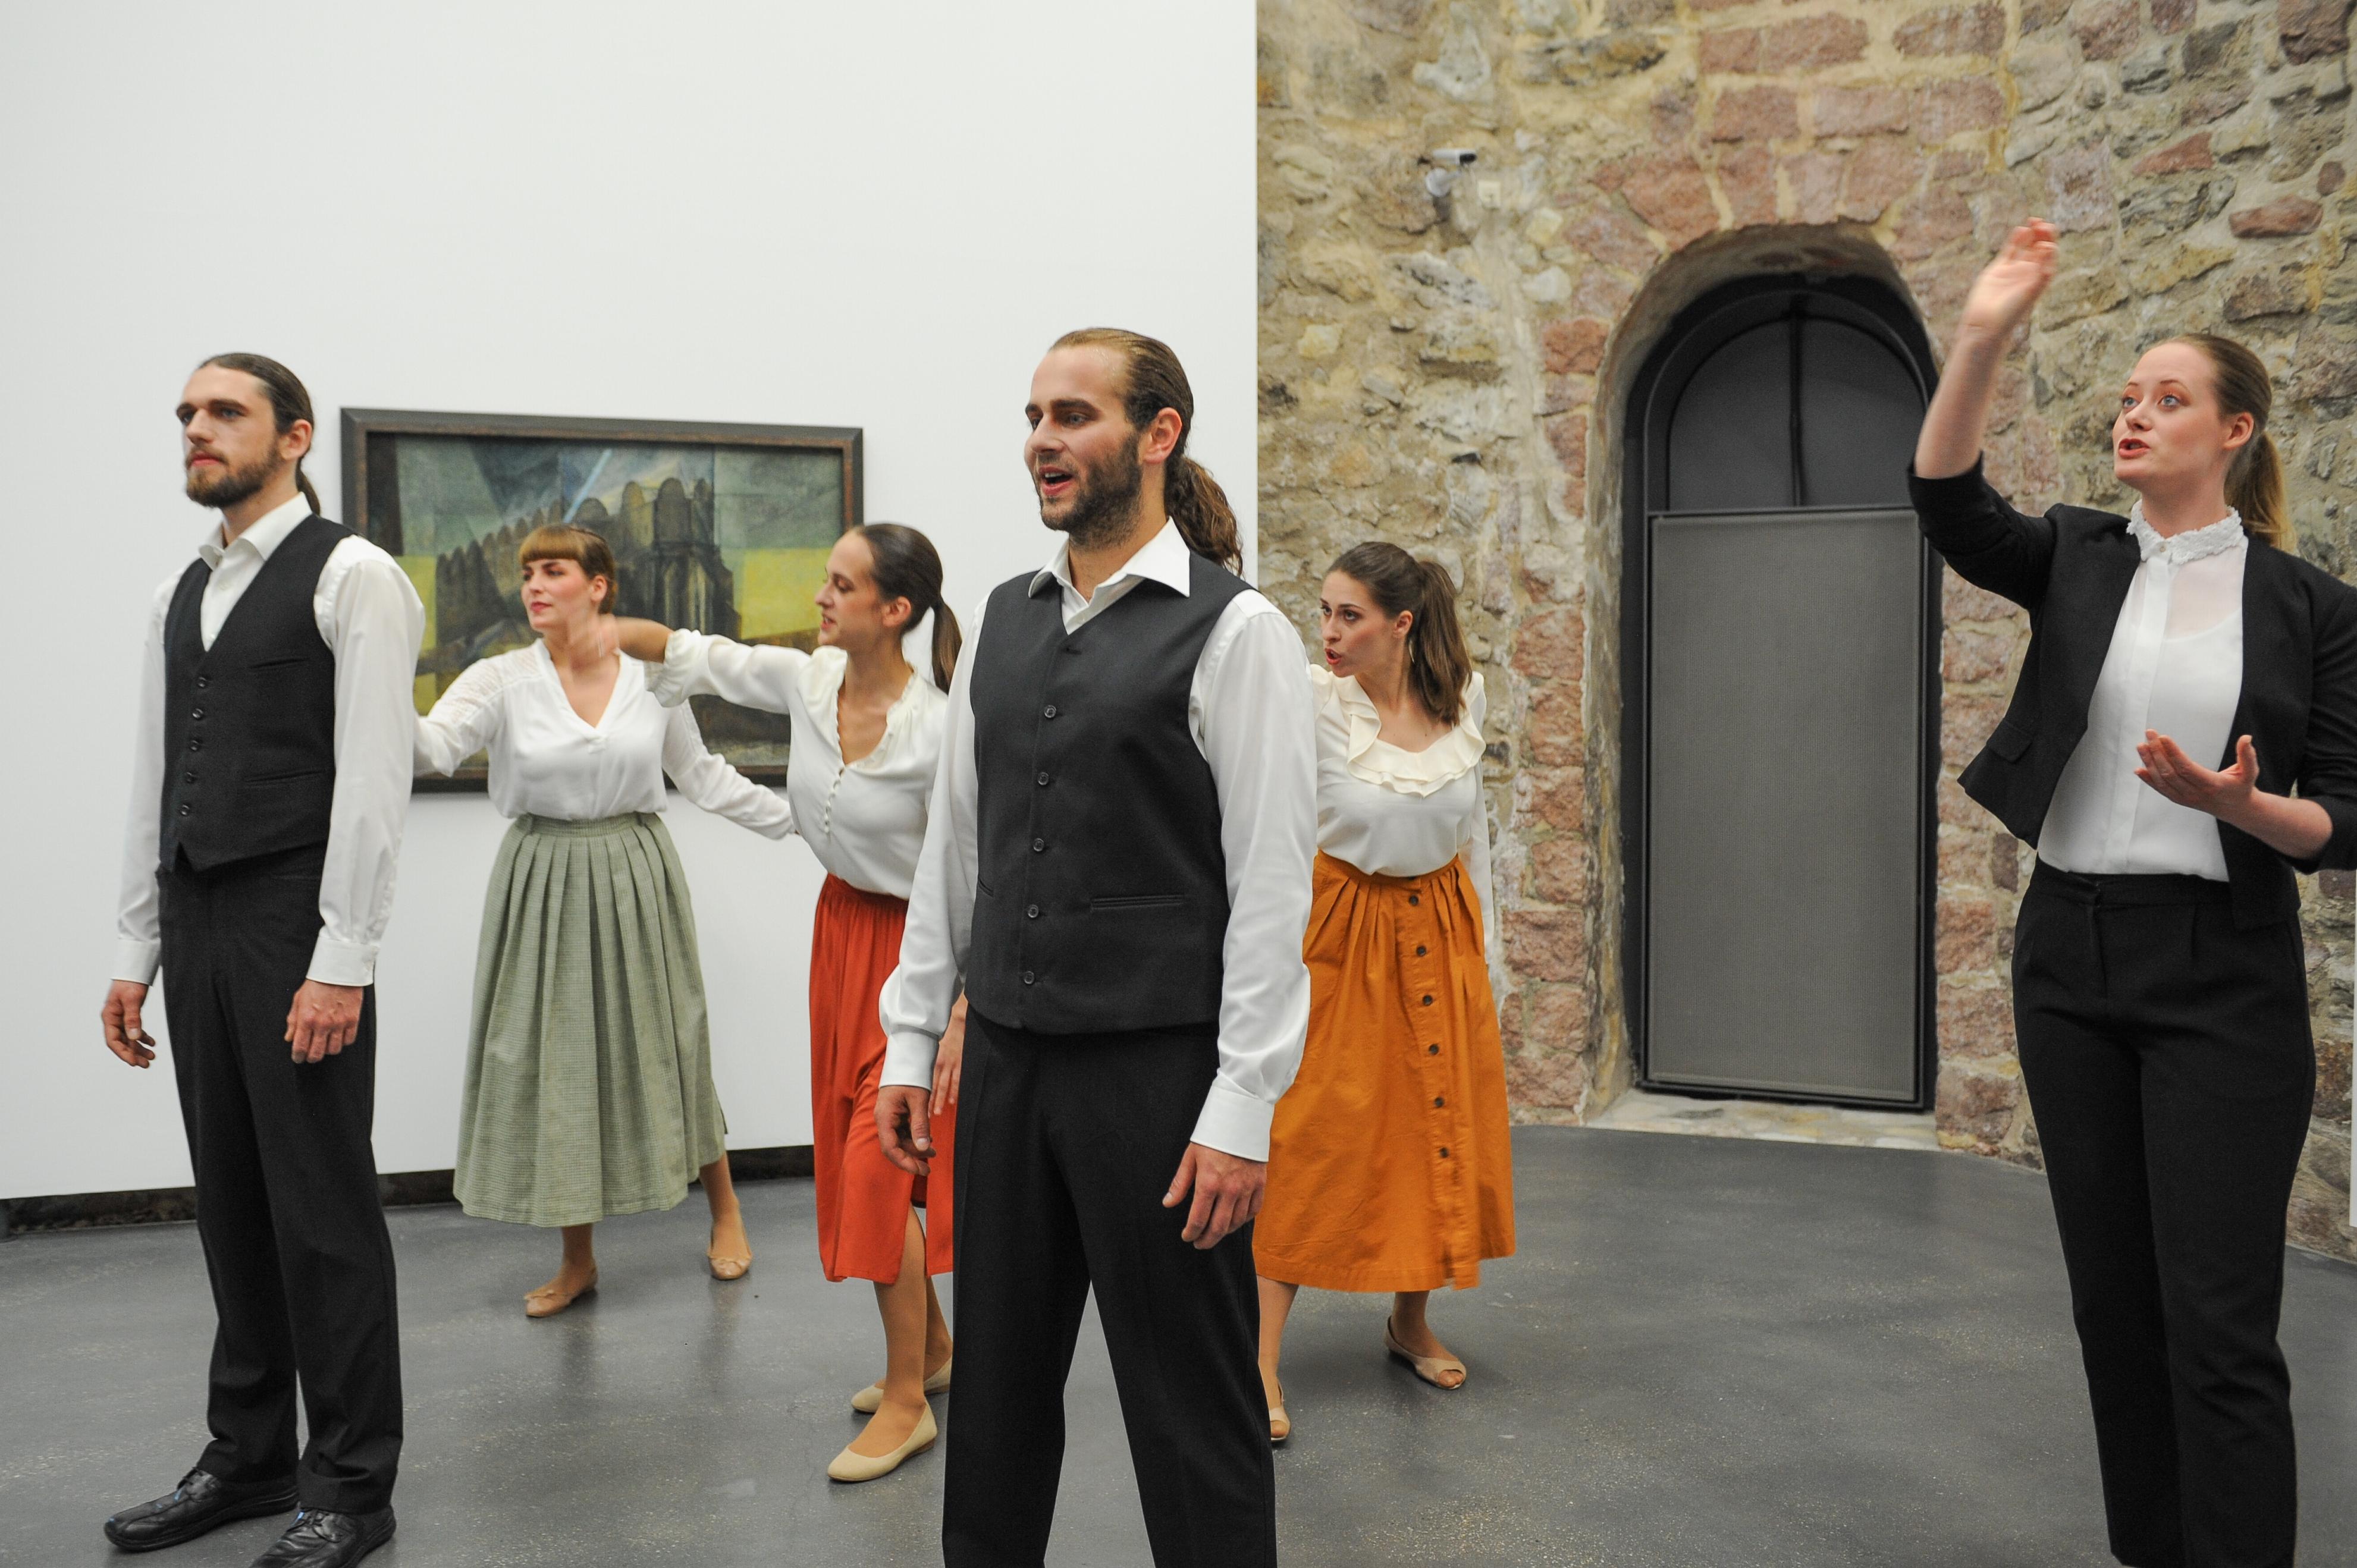 Premiere in der Moritzburg am 9. Juni 2016, Foto: Sprechbuehne